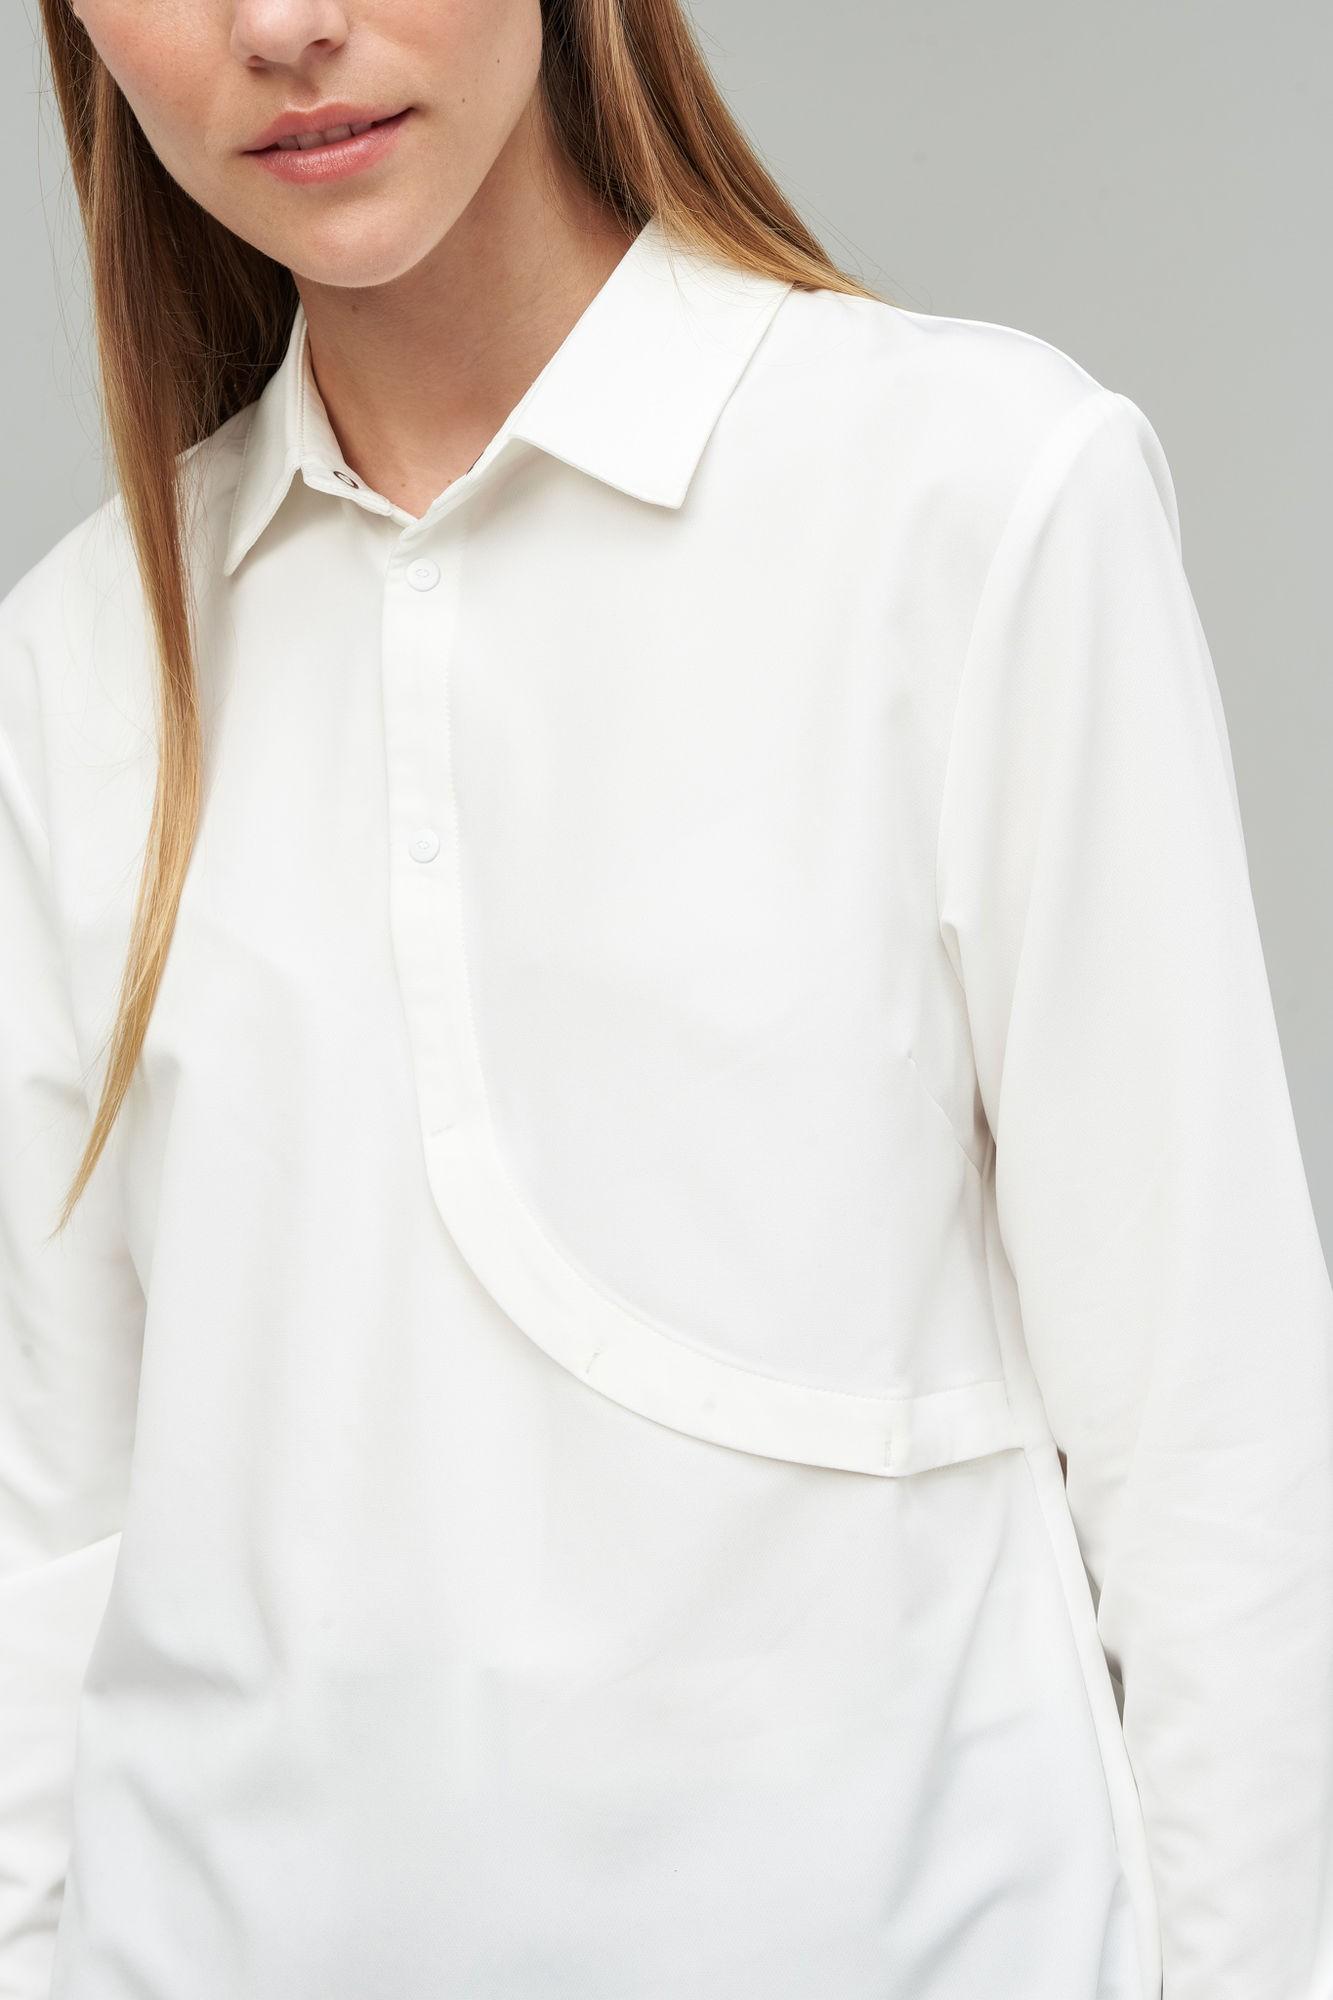 AUDIMAS Lengvi tamprūs marškiniai 20RM-001 White S